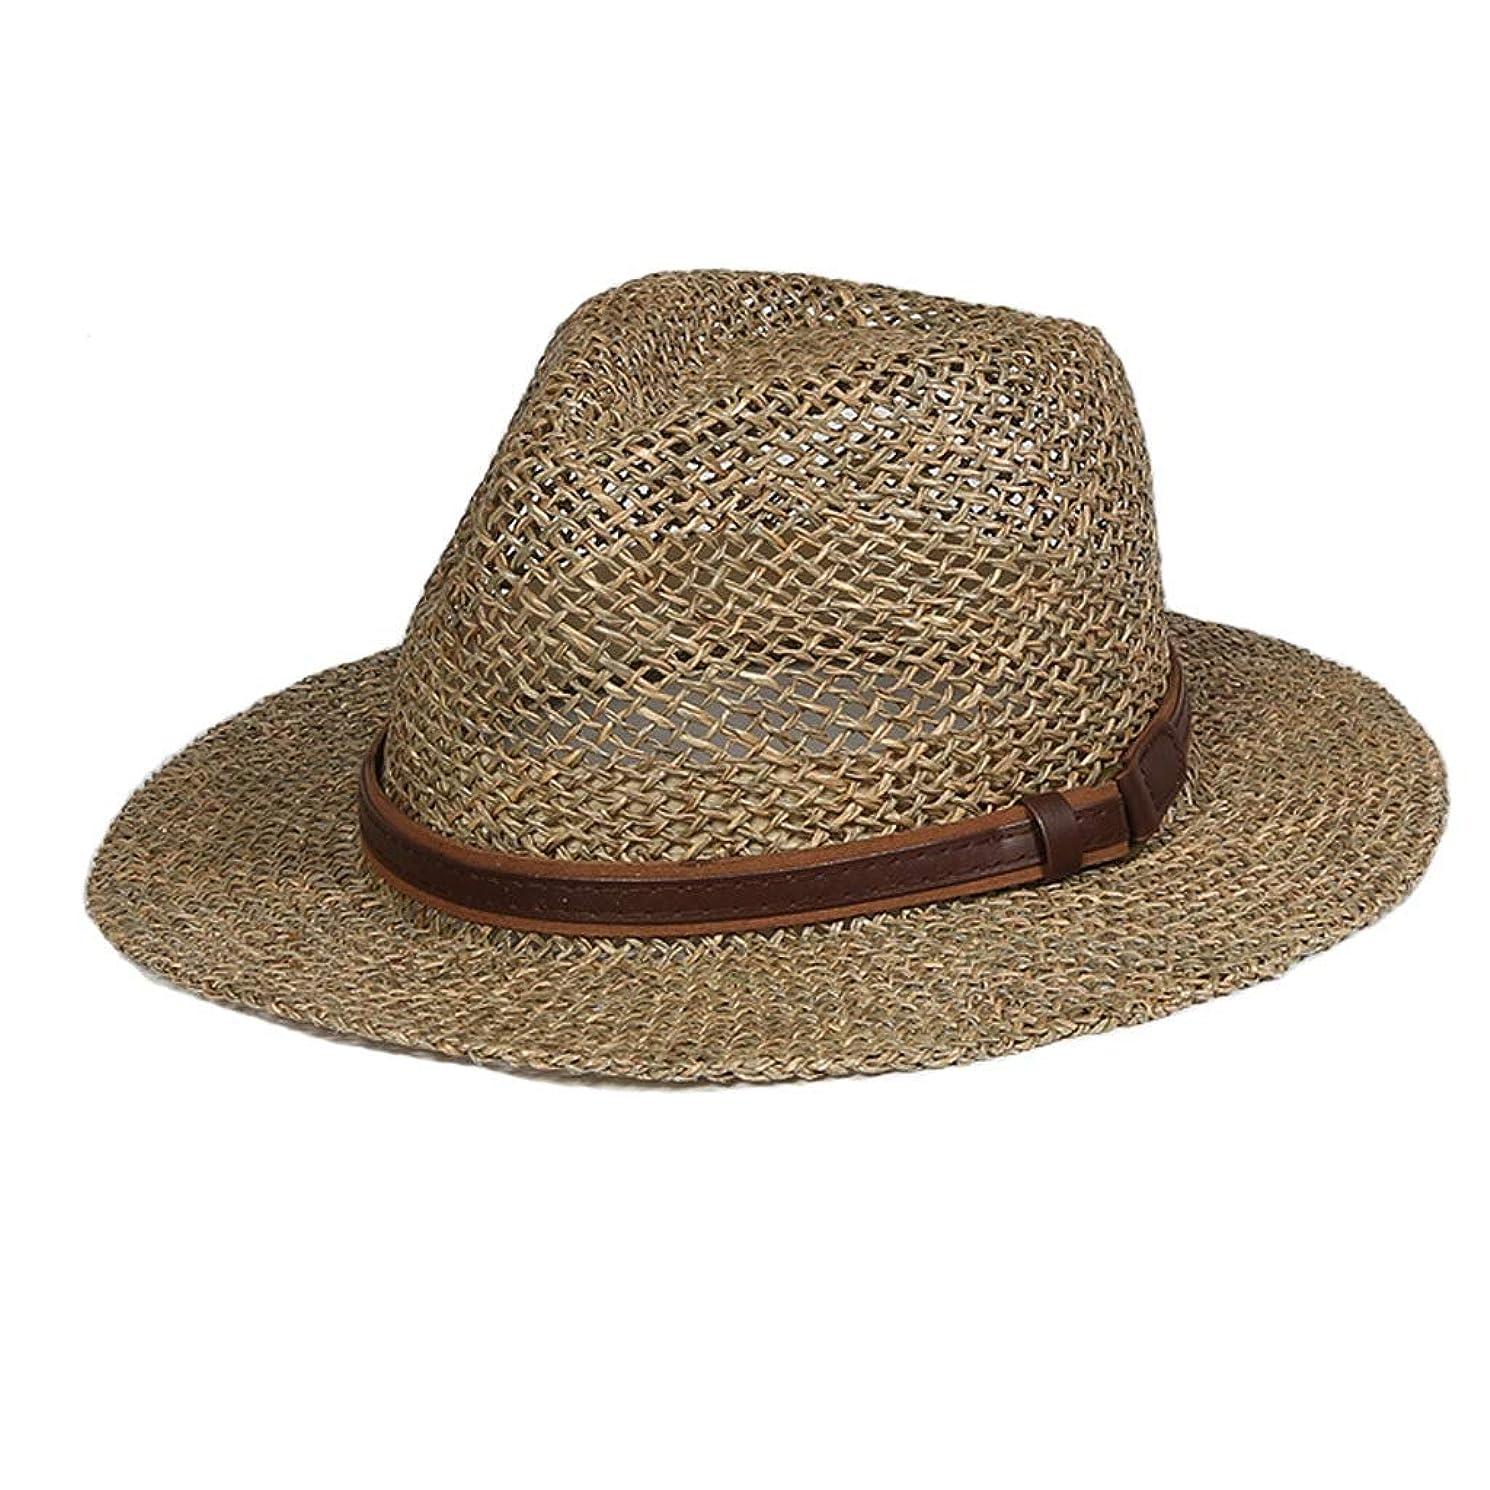 支配的抑制する粒ZFDM 帽子日焼け止め麦わら帽子日帽子調節可能なUV保護折りたたみ